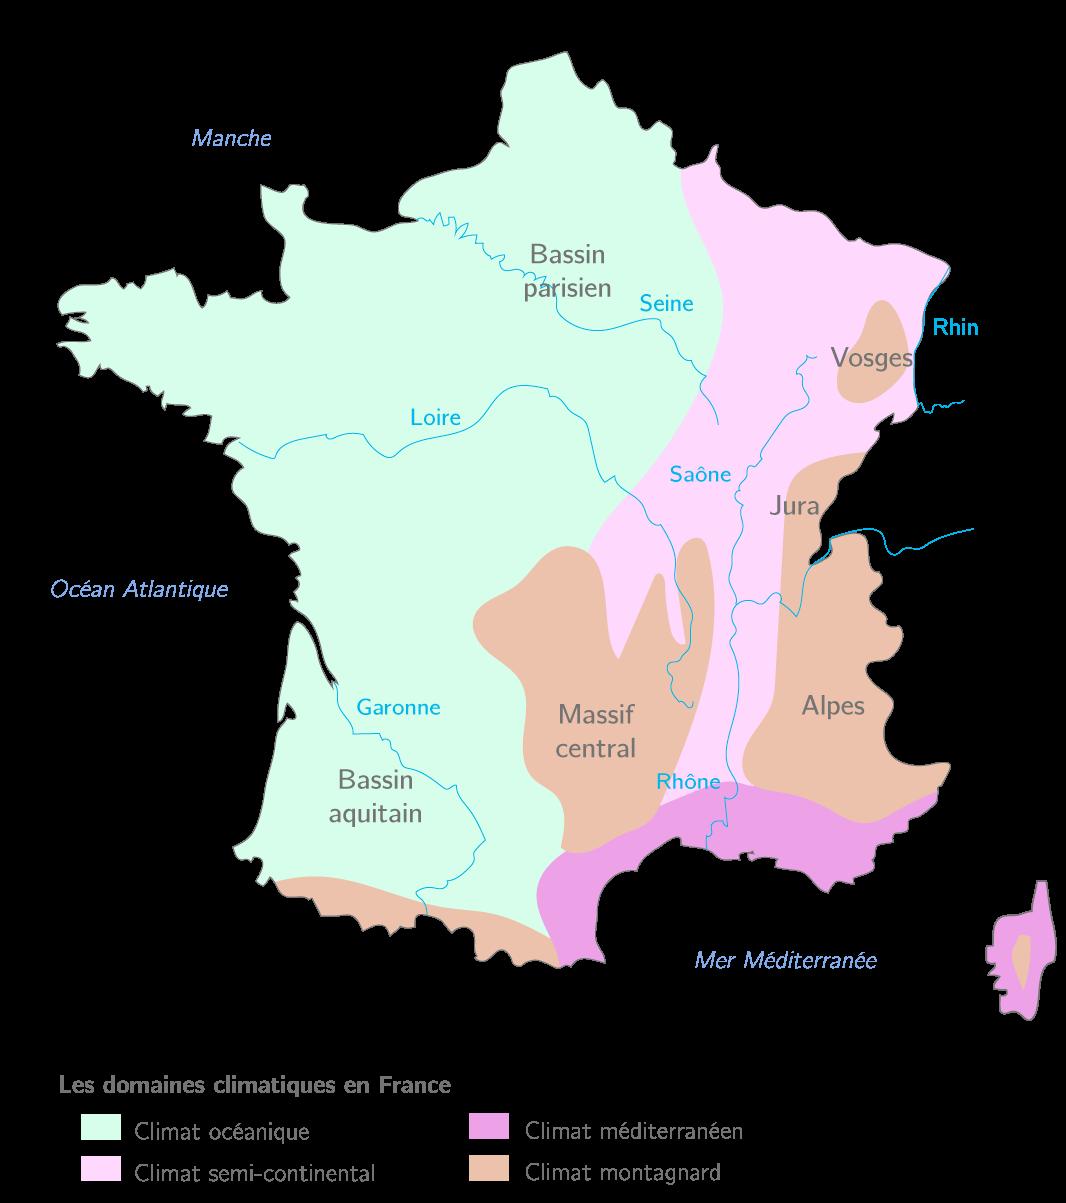 Les domaines bioclimatiques en France